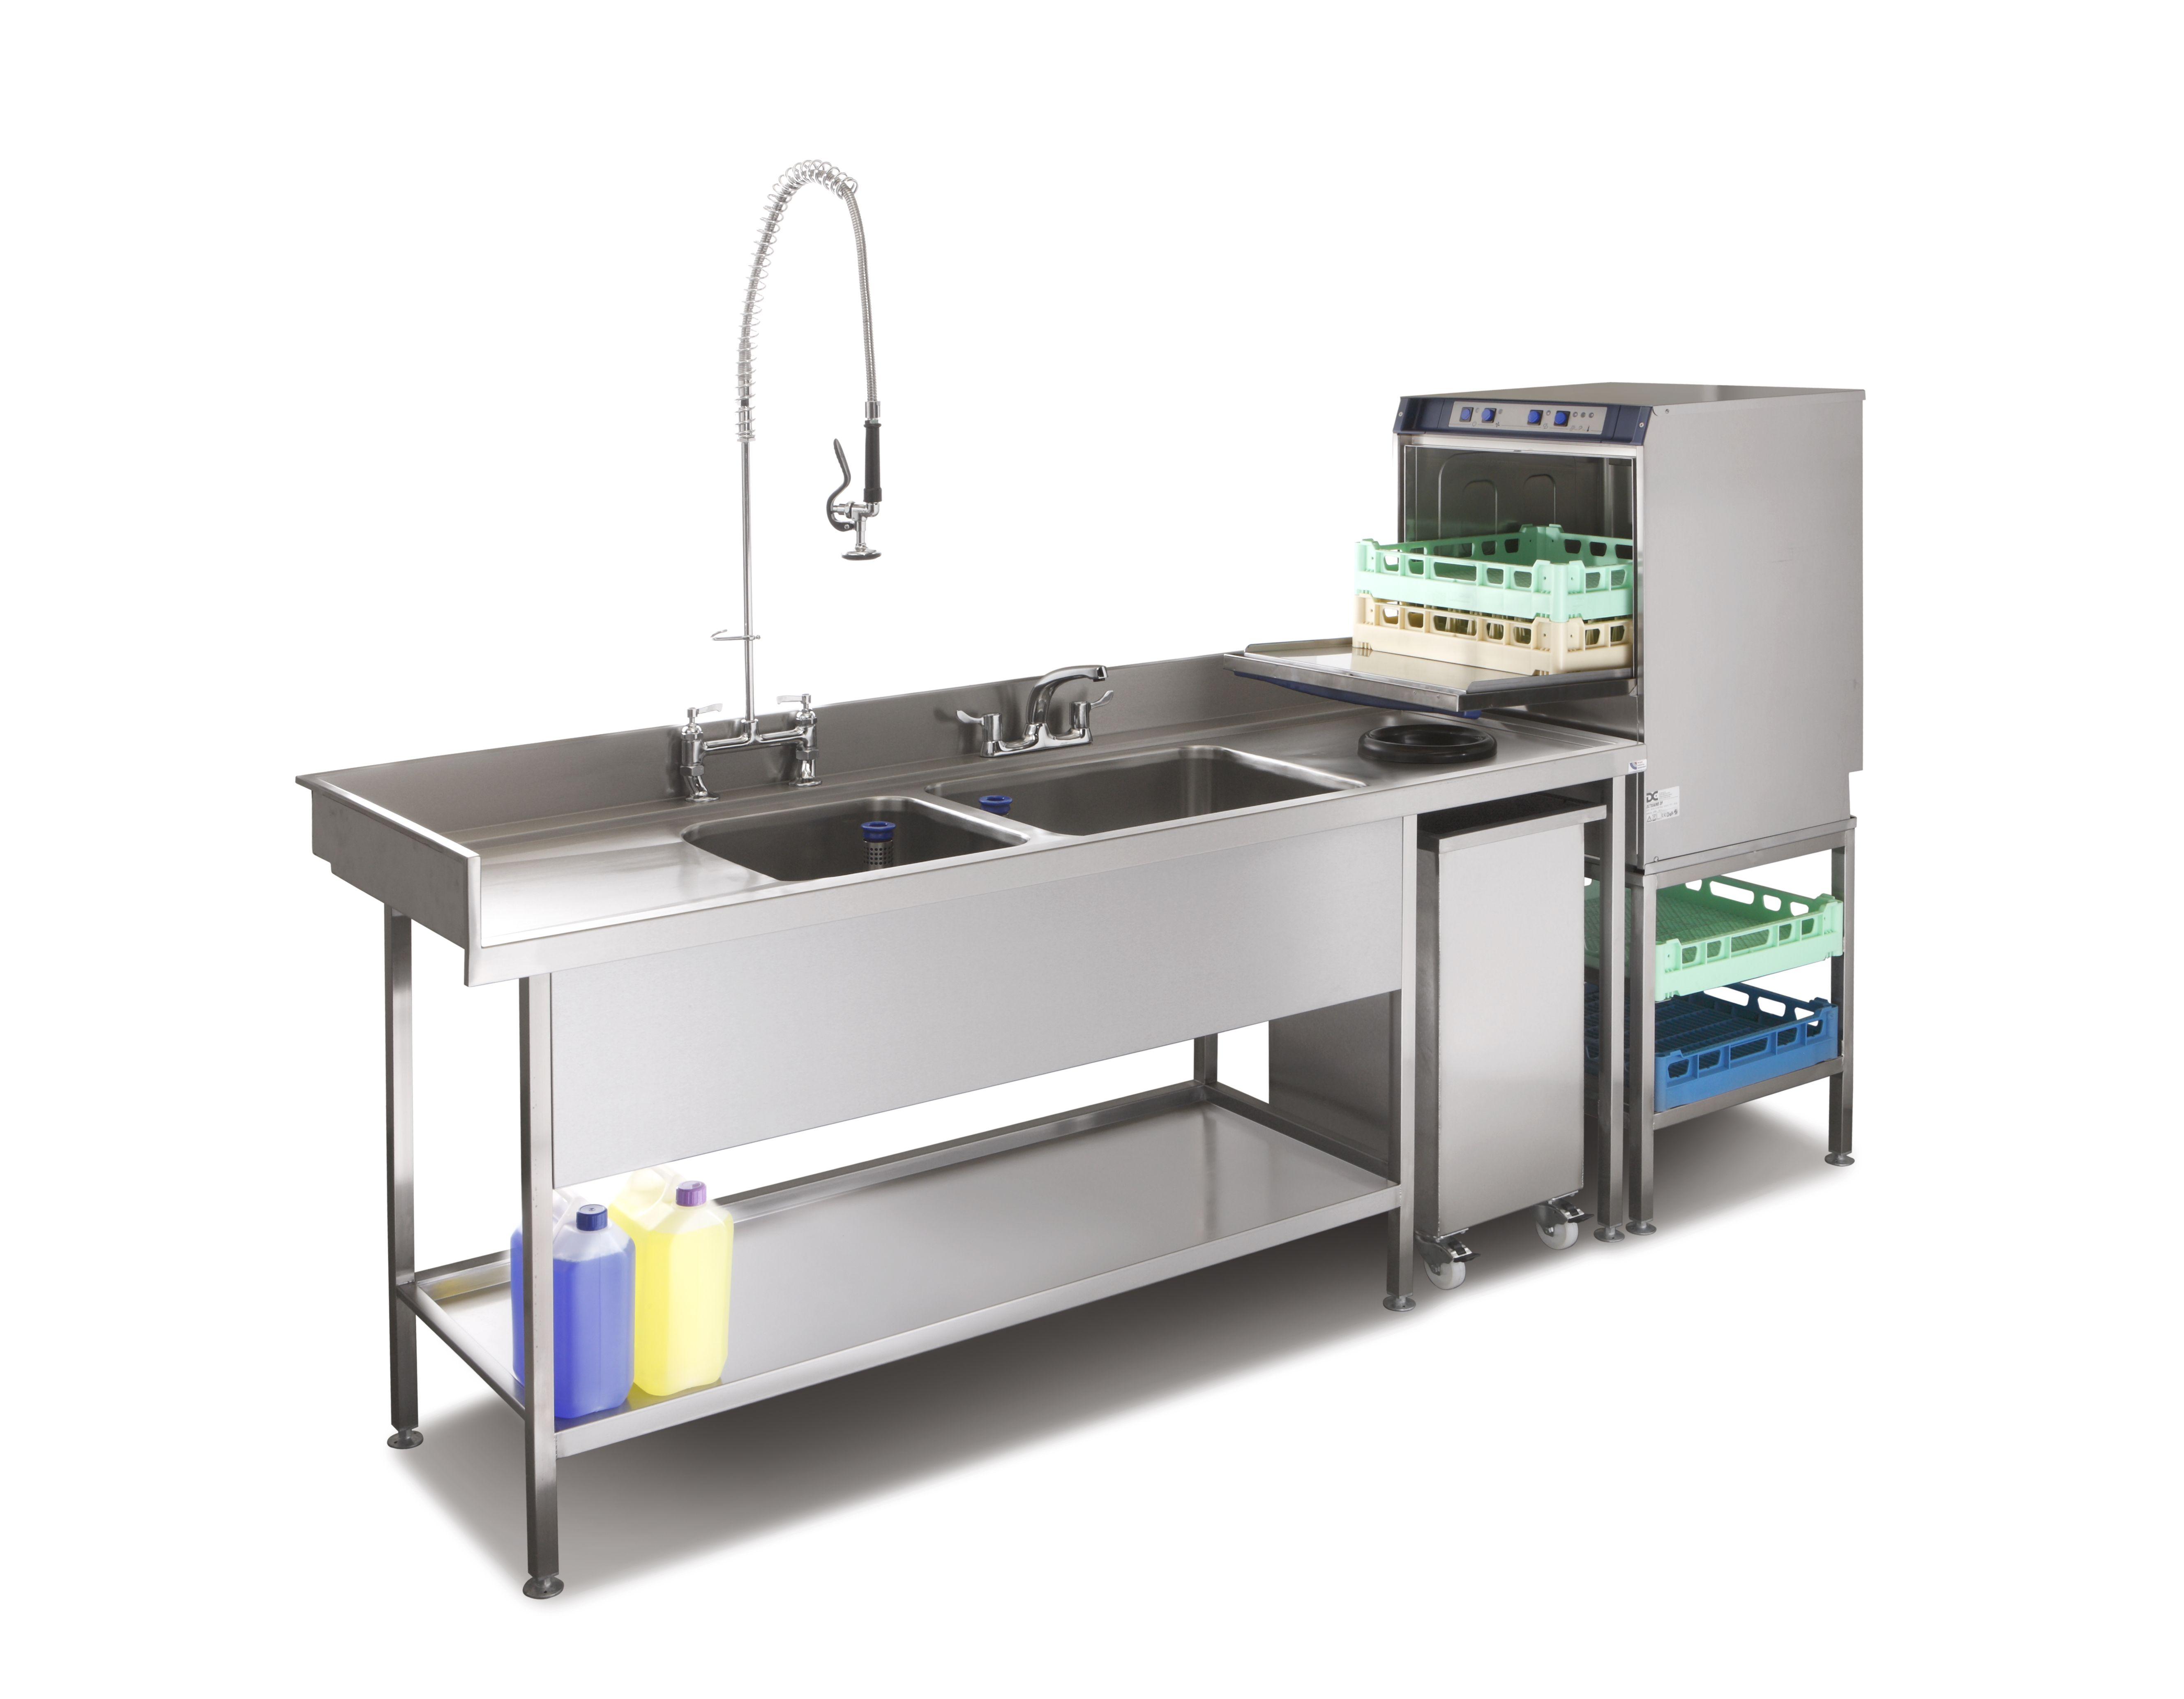 Kleine Küche Frühstück Bar Mit Kühlschrank Skizze - Schlafzimmer ...